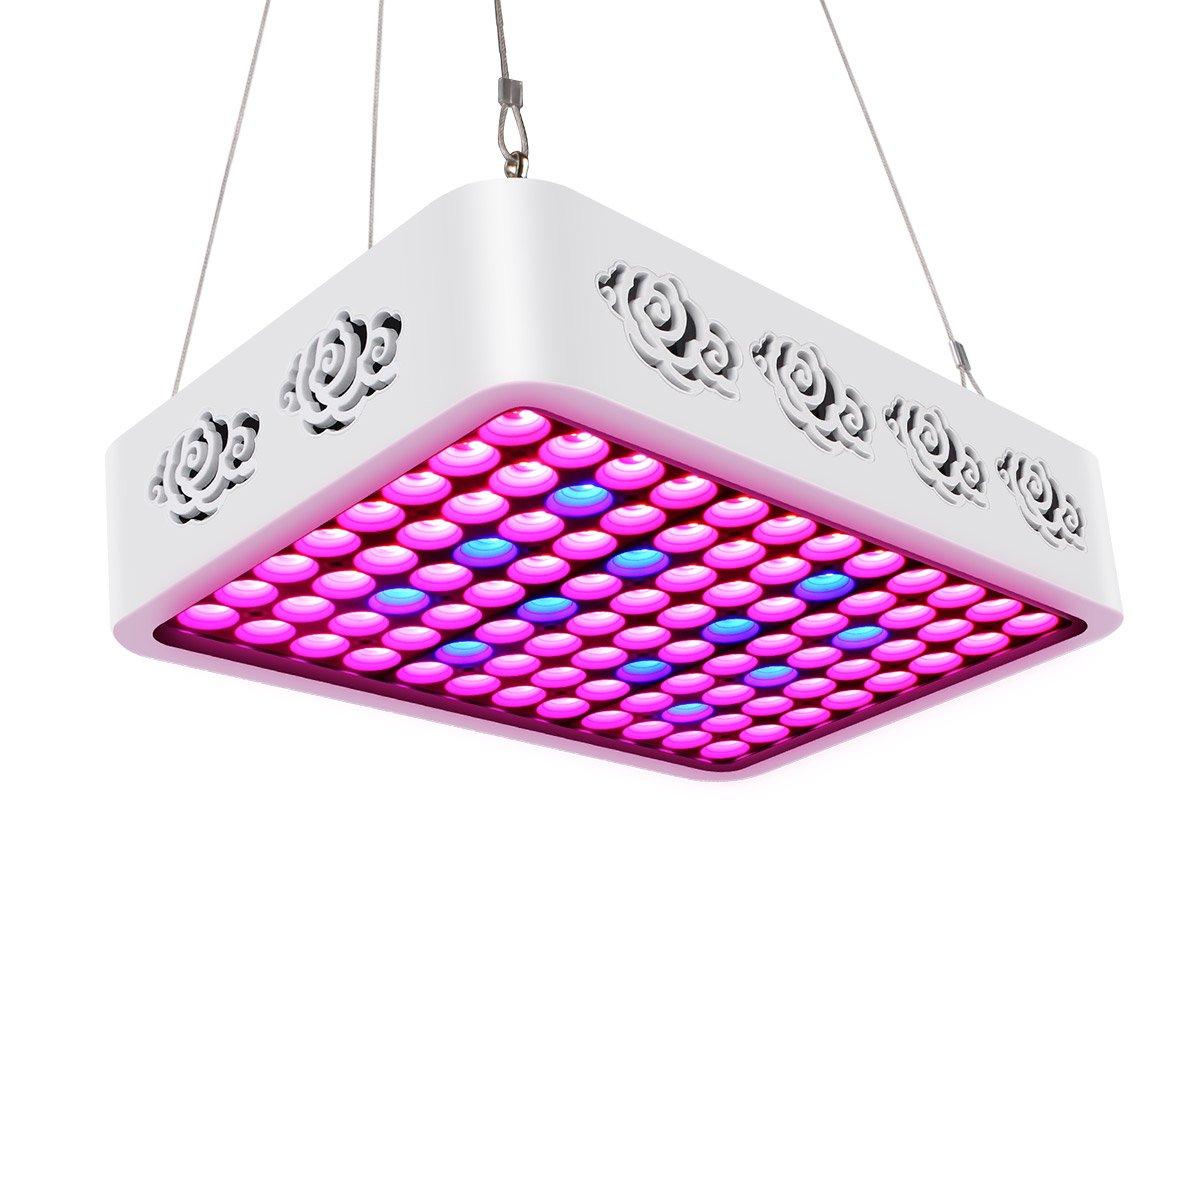 Toplanet 81w Led Pflanzenlampe Wachsen Licht Streifen Wasserdicht für Indoor Grow Gemüse Yougelai HY-85CM-27*3W-RB